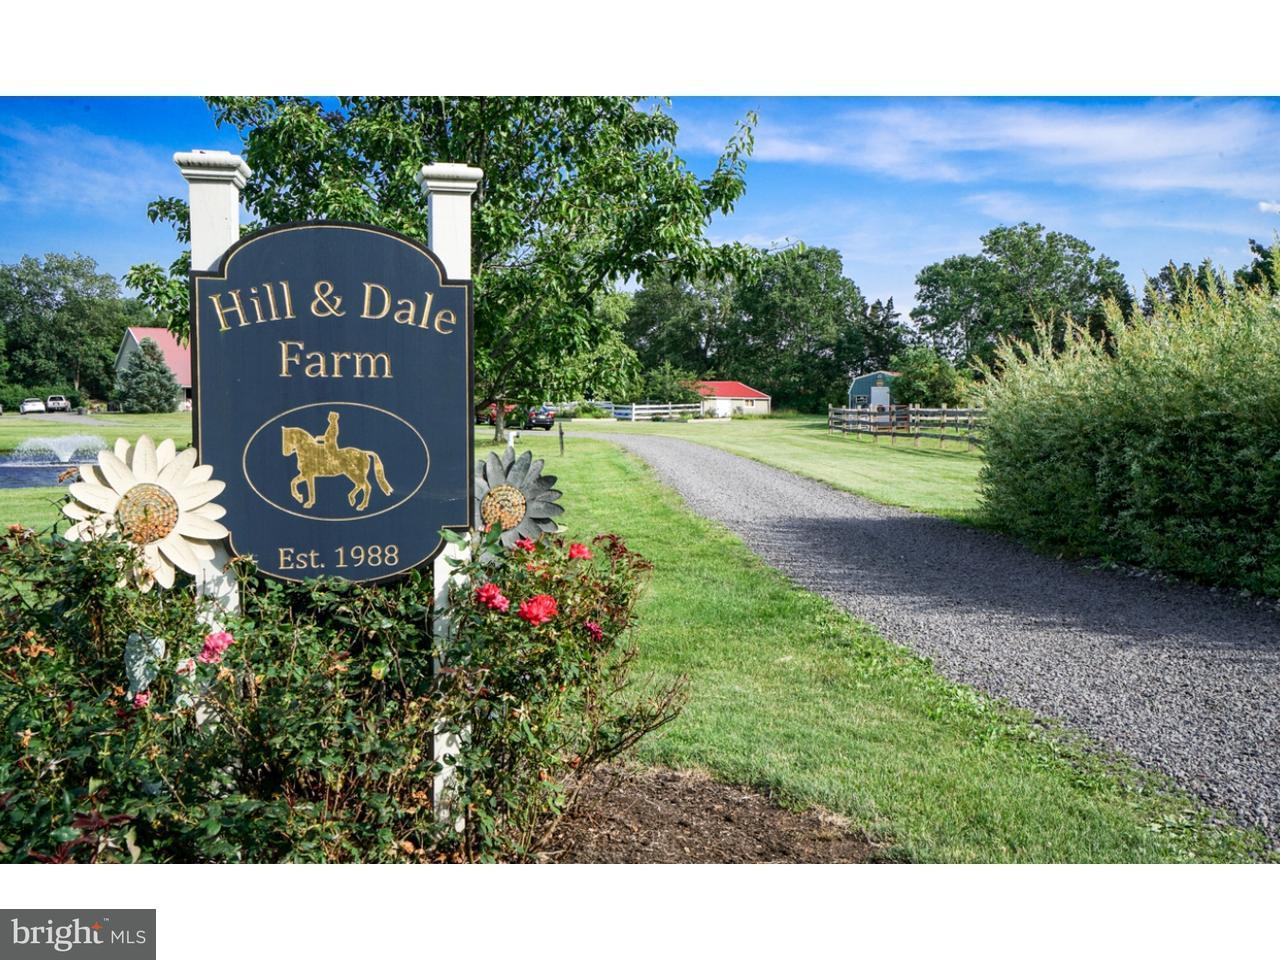 Коммерческий для того Продажа на 553 GEIGEL HILL Road Ottsville, Пенсильвания 18942 Соединенные Штаты